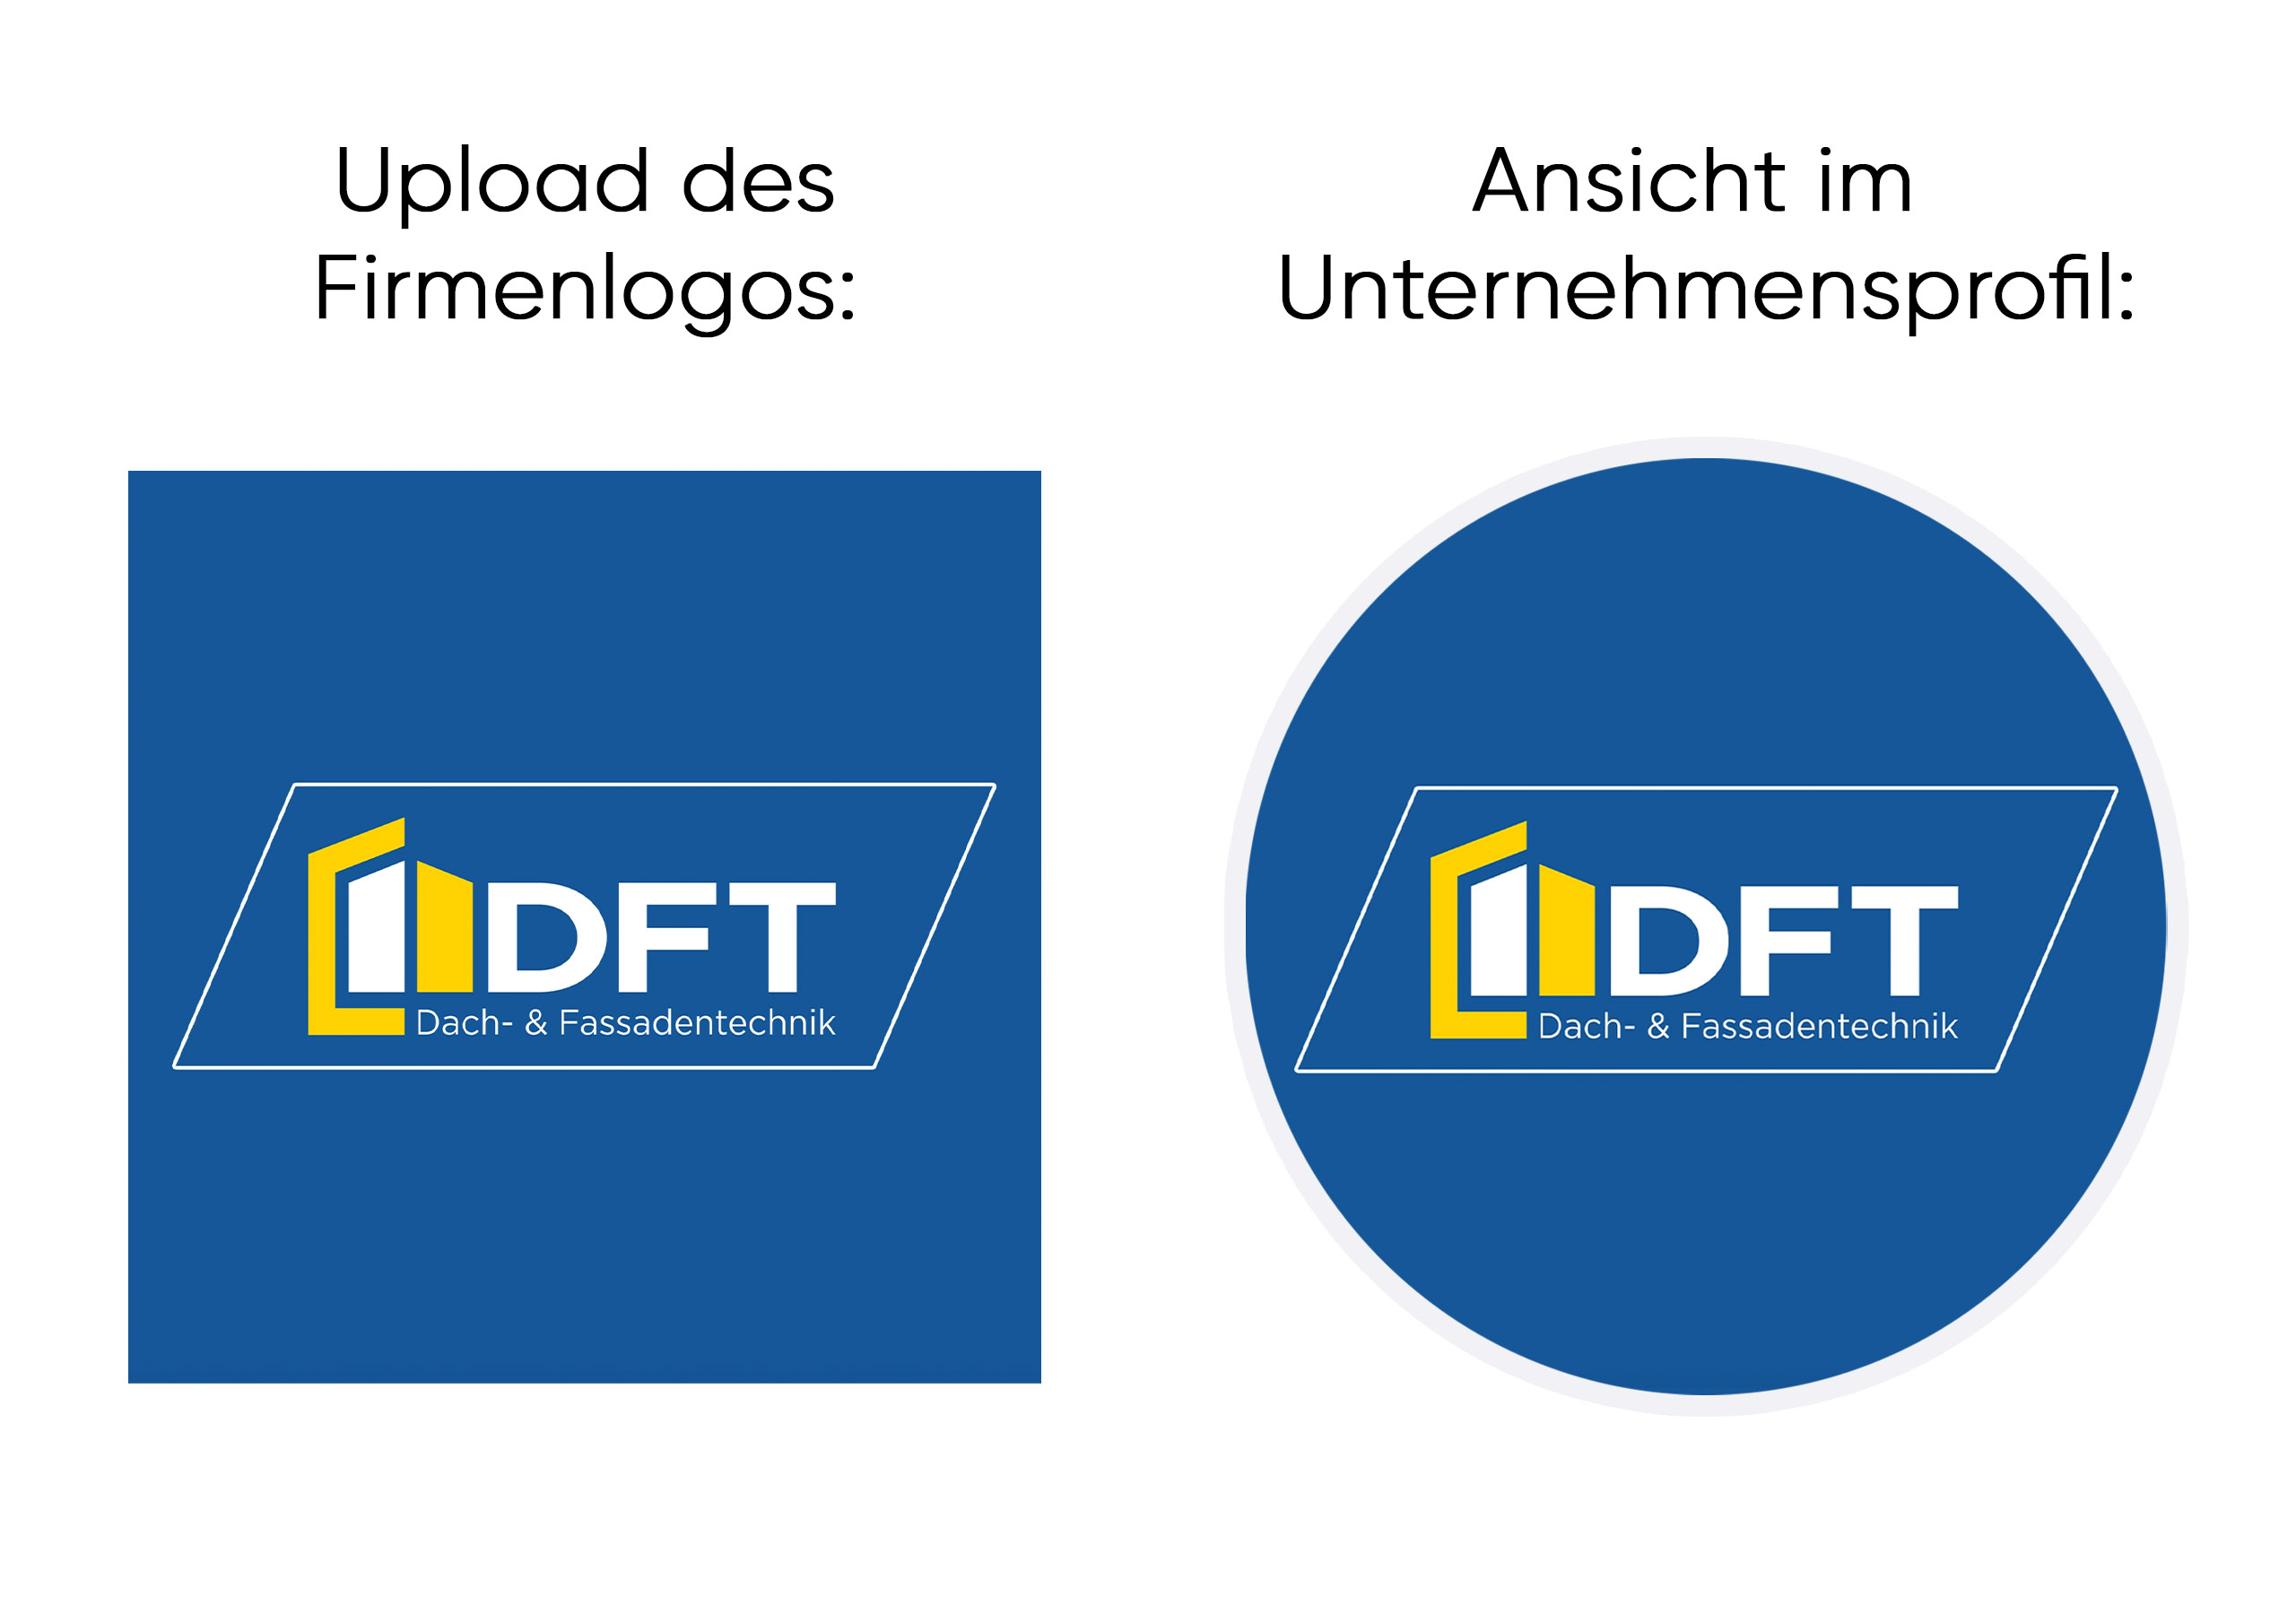 Logoansicht für Unternehmen